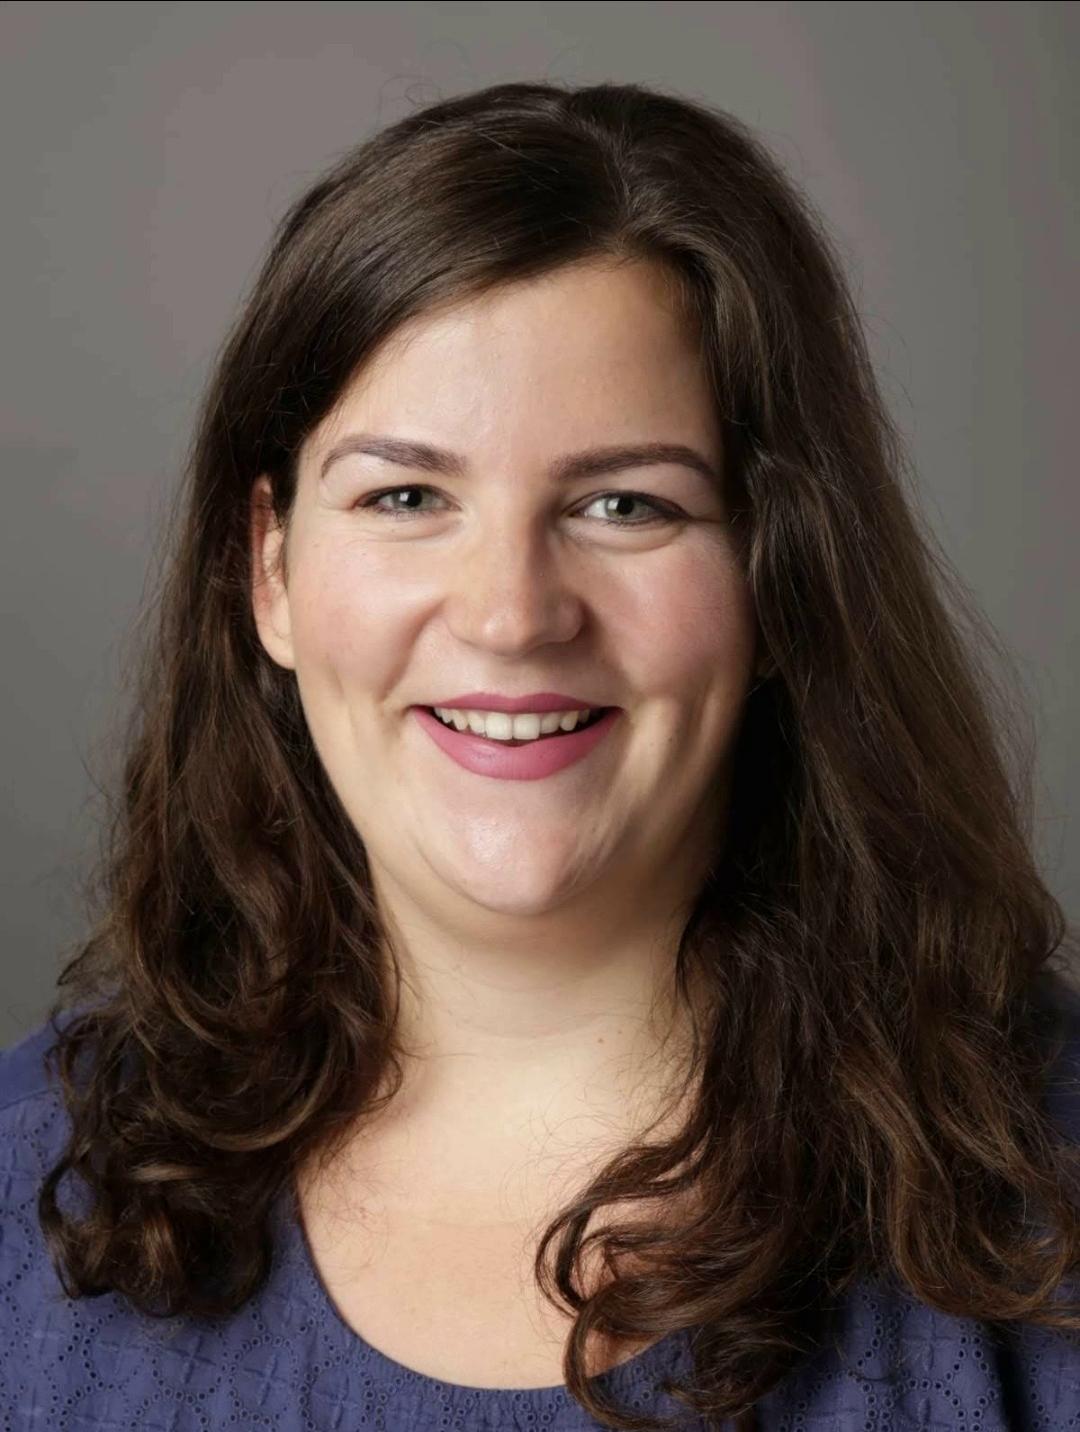 Carolin Hochmuth